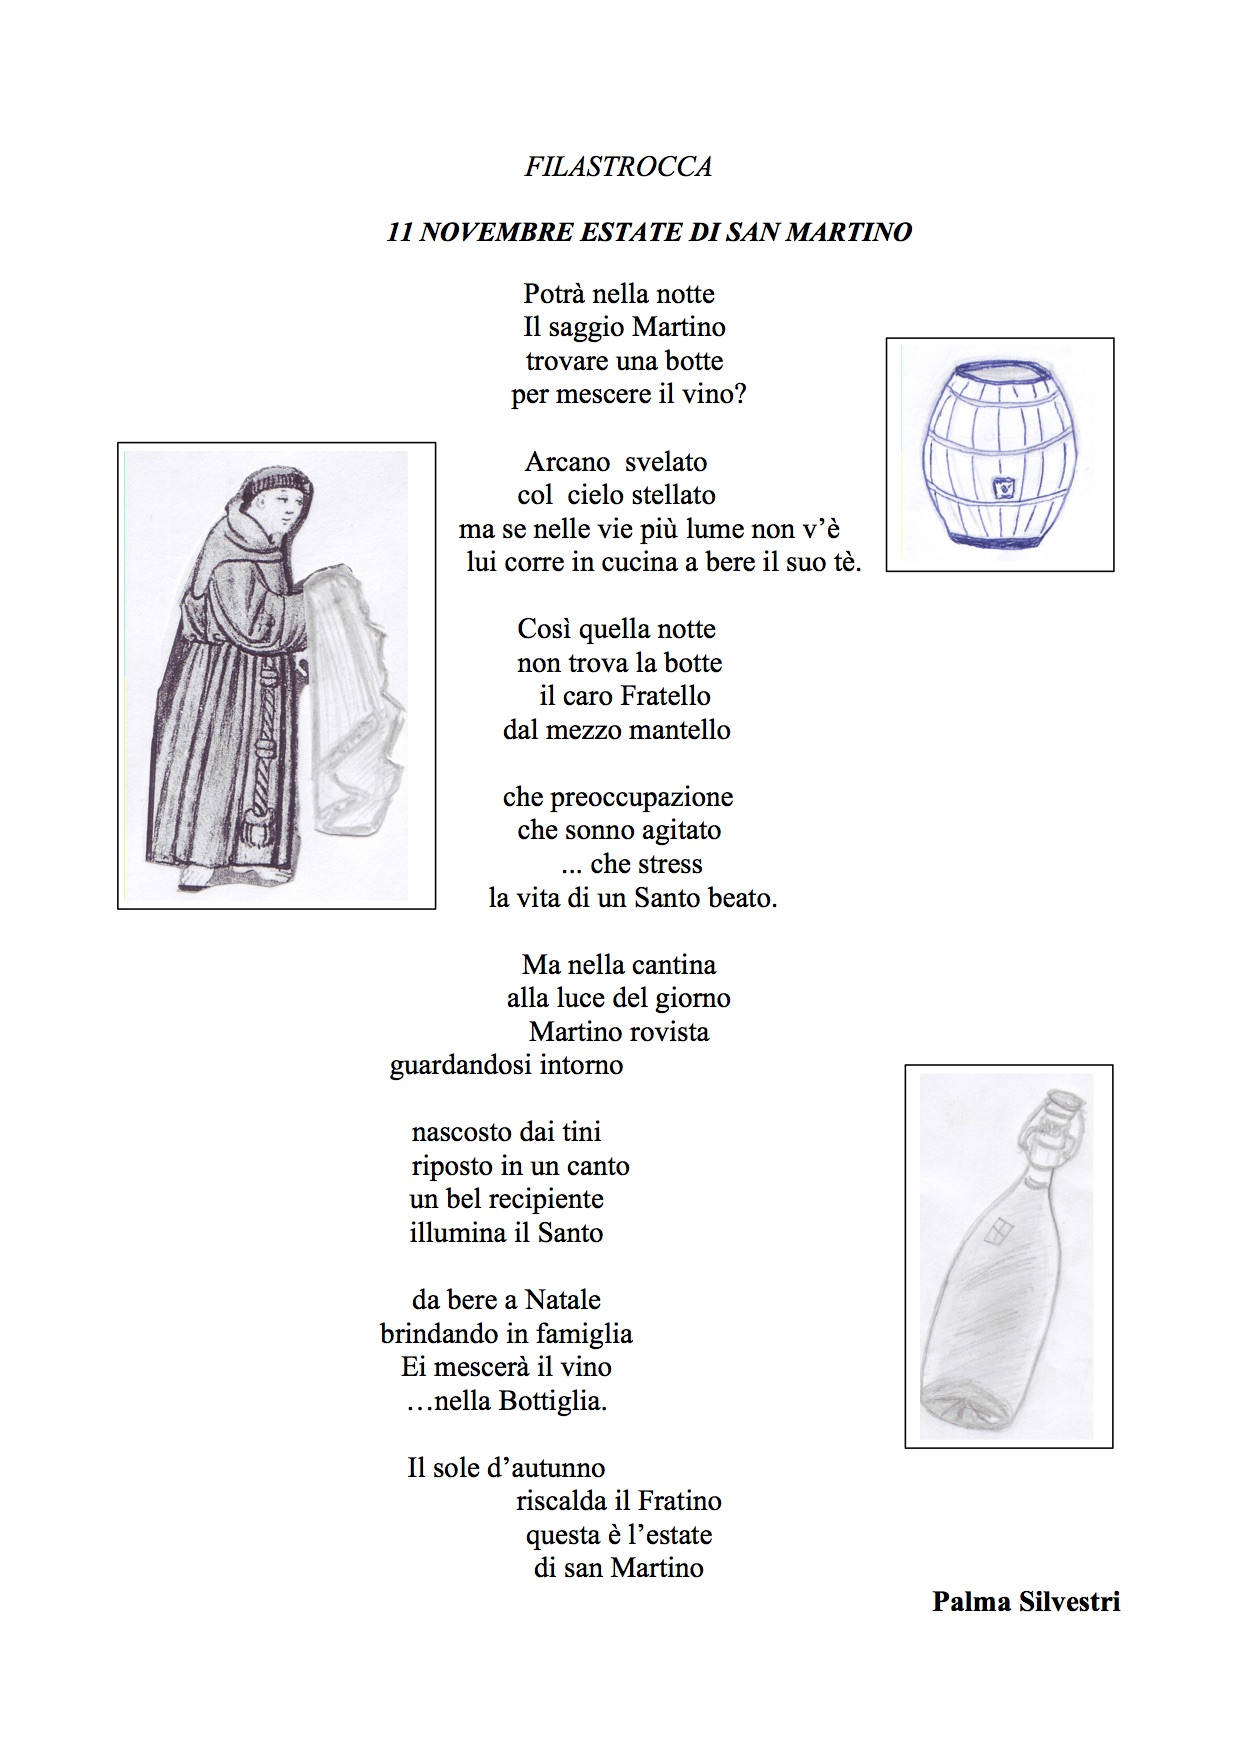 poesie o filastrocche su san martino